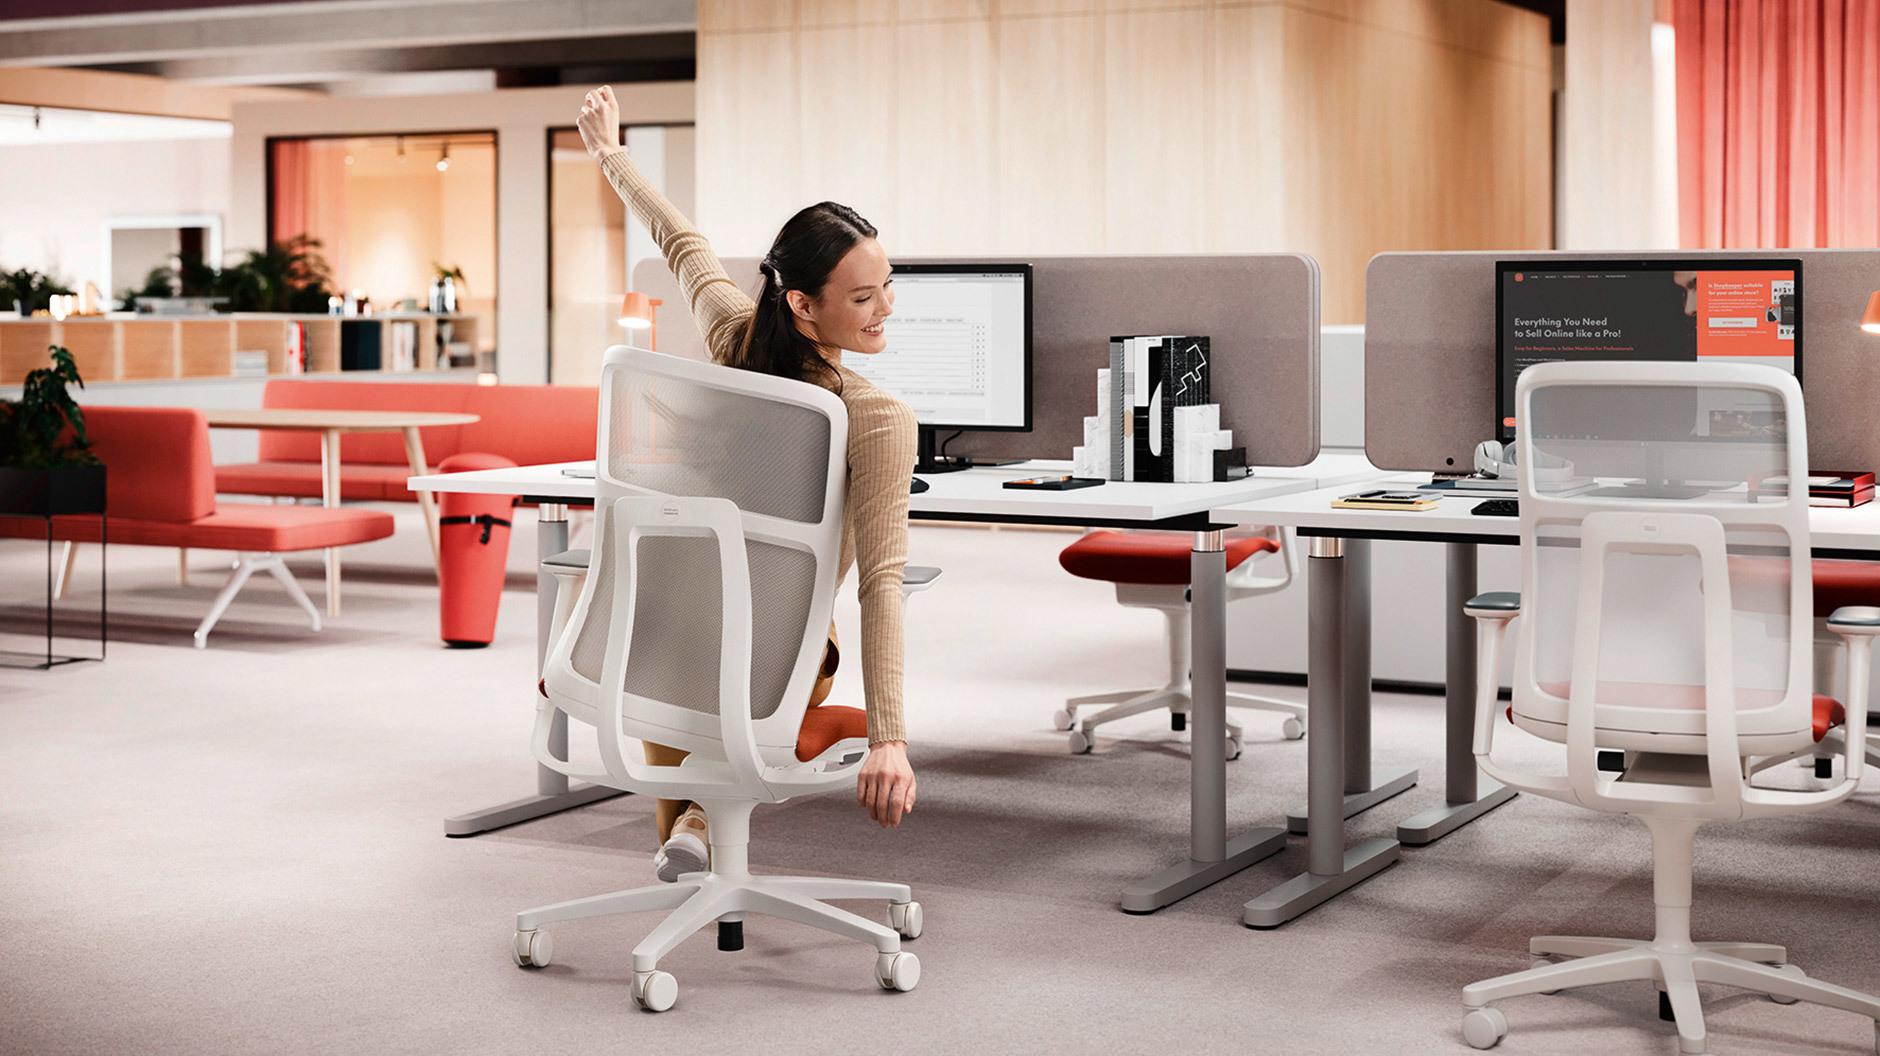 An den Arbeitsplätzen wird das Wohlbefinden beispielsweise durch Bewegungsförderung, Bedienungskomfort und akustische Raumqualität adressiert.